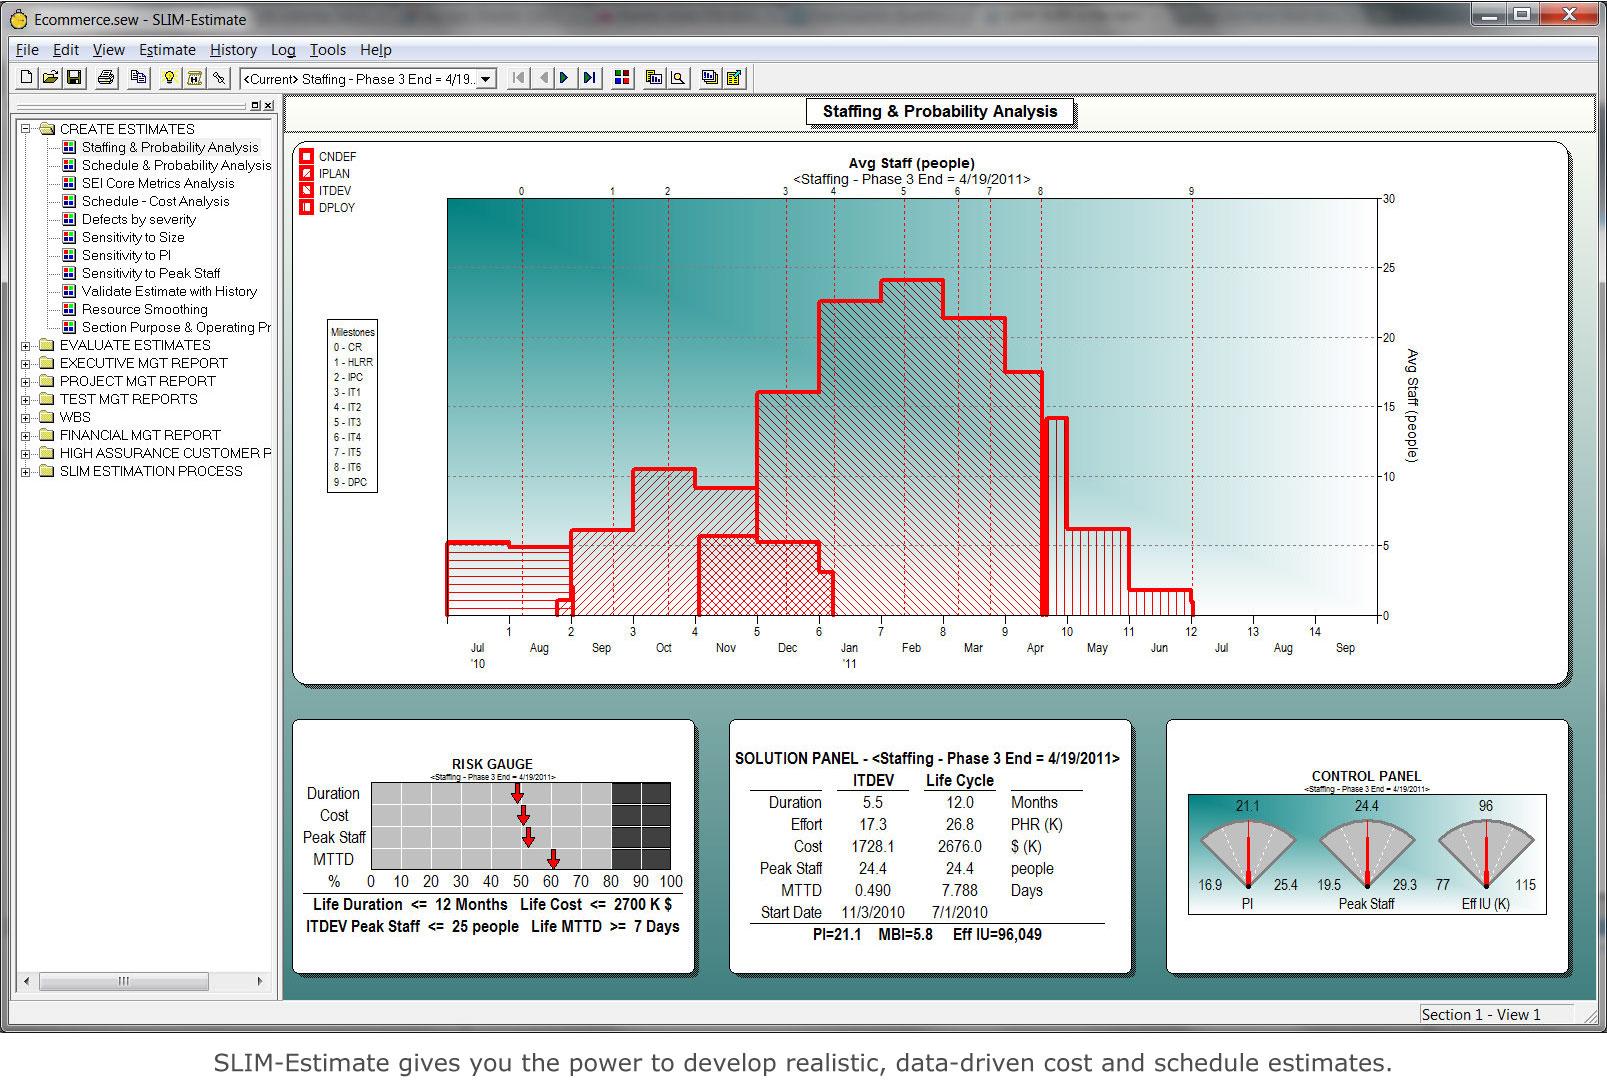 Develop realistic, data-driven cost and schedule estimates.